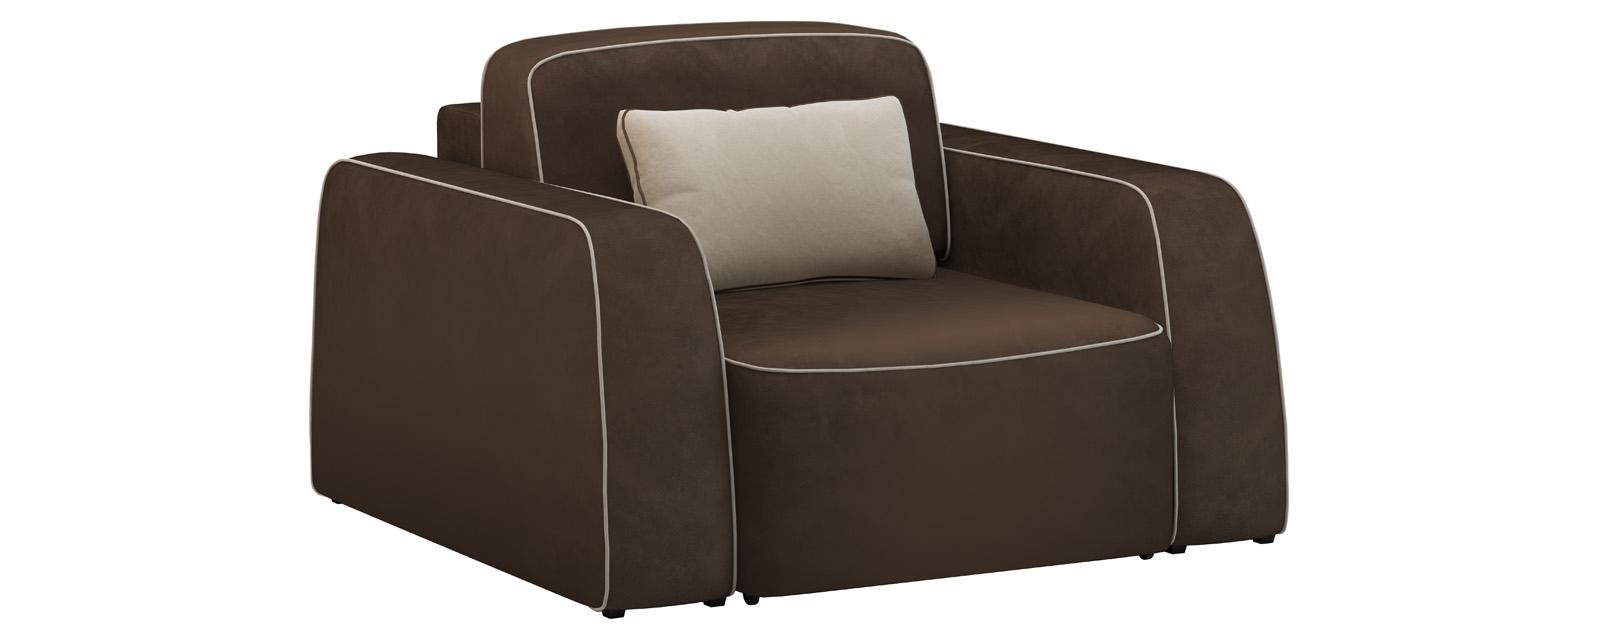 Кресло тканевое Портленд 80 см Velure темно-коричневый/бежевый (Велюр) от HomeMe.ru